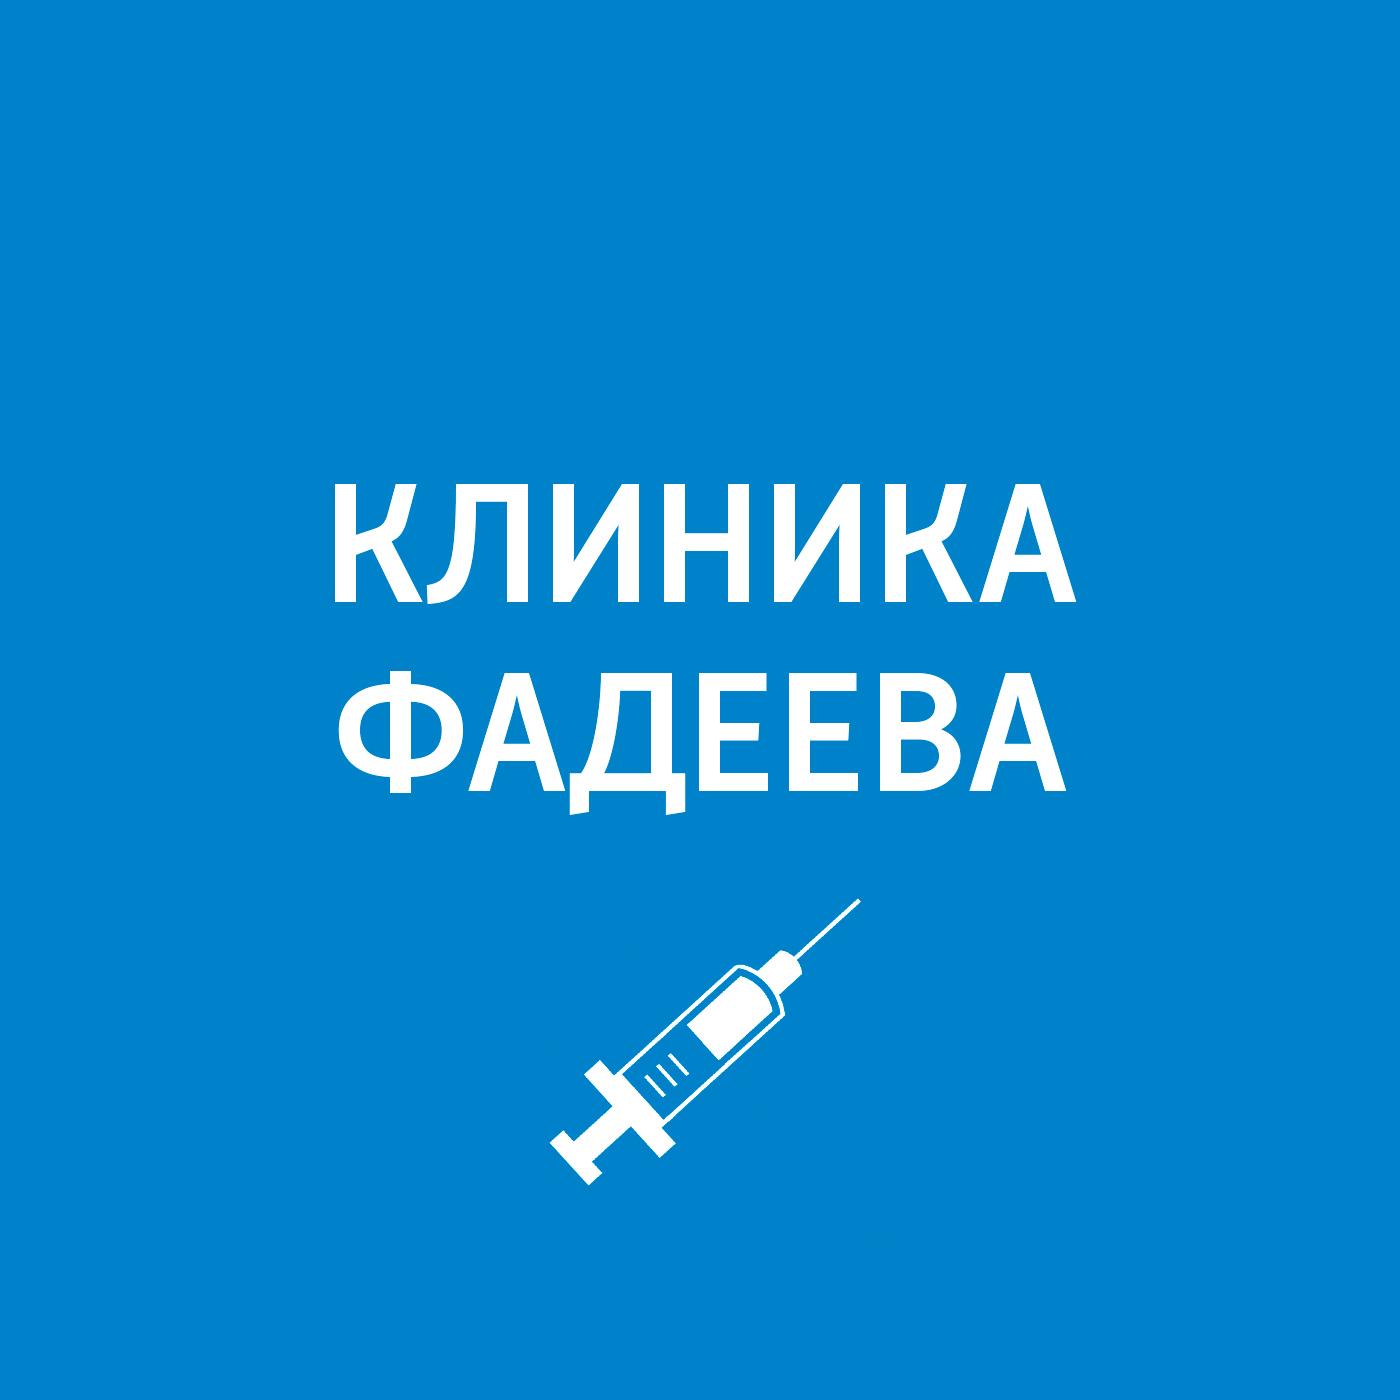 Пётр Фадеев Приём ведёт врач-педиатр. Аллергия, ОРЗ и ответы на вопросы цены